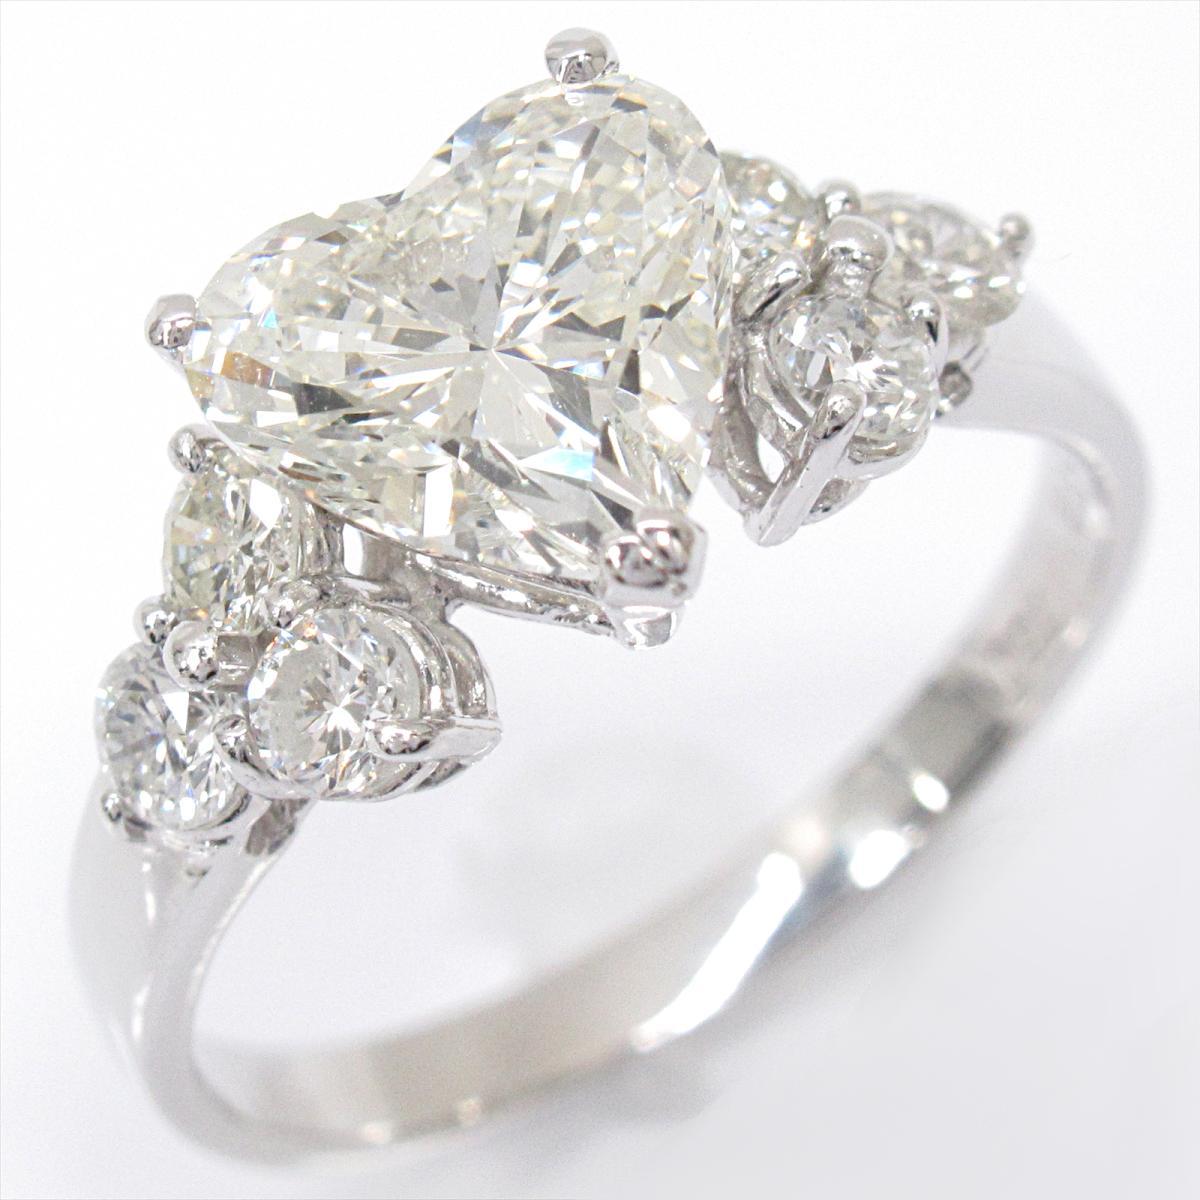 【中古】 ジュエリー ダイヤモンド リング 指輪 レディース K18WG (750) ホワイトゴールド x | JEWELRY BRANDOFF ブランドオフ ブランド アクセサリー